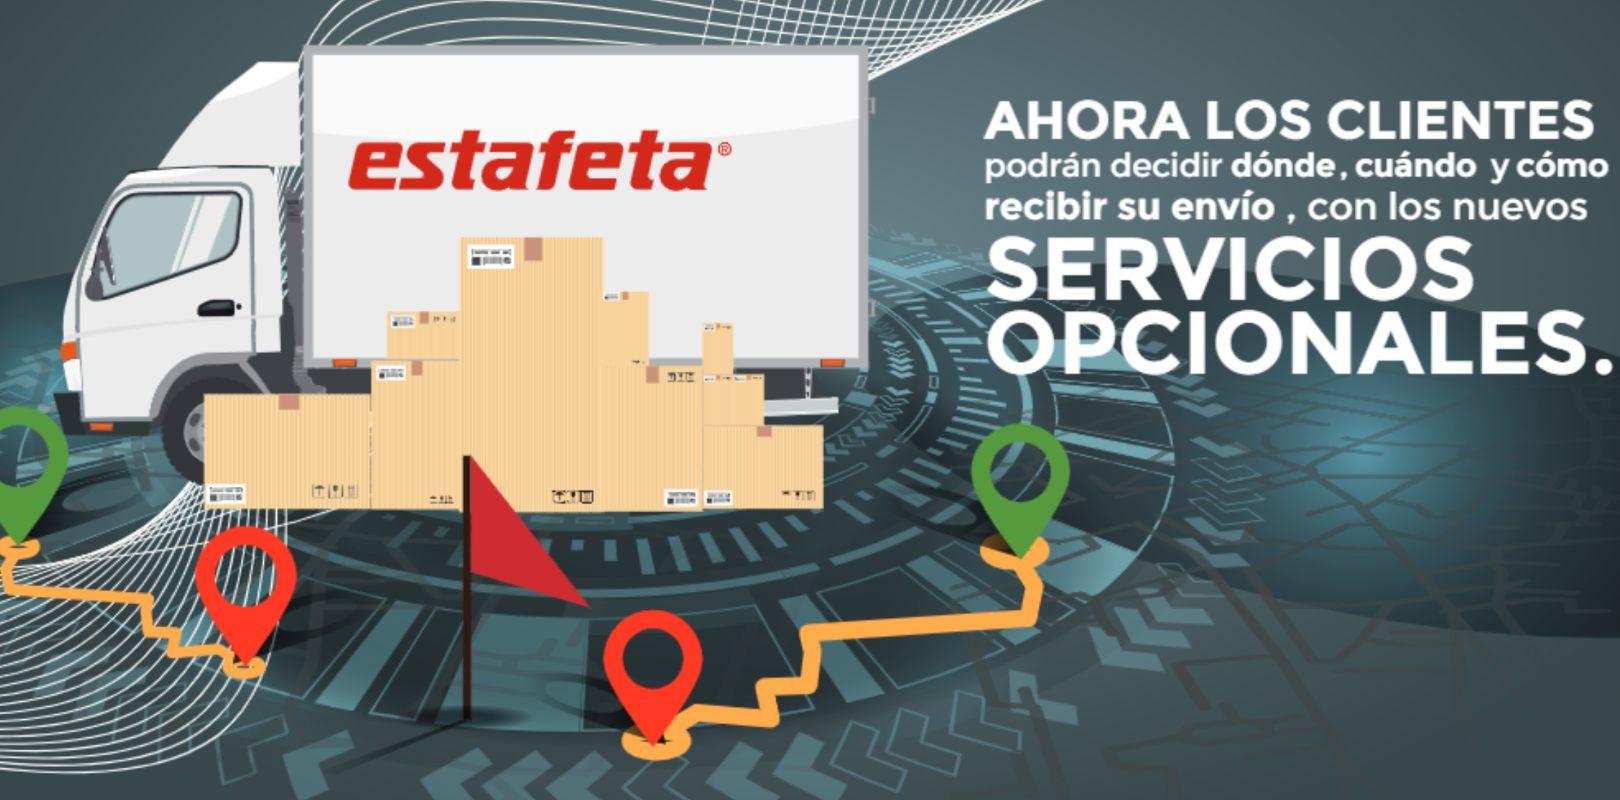 Servicios Opcionales Estafeta